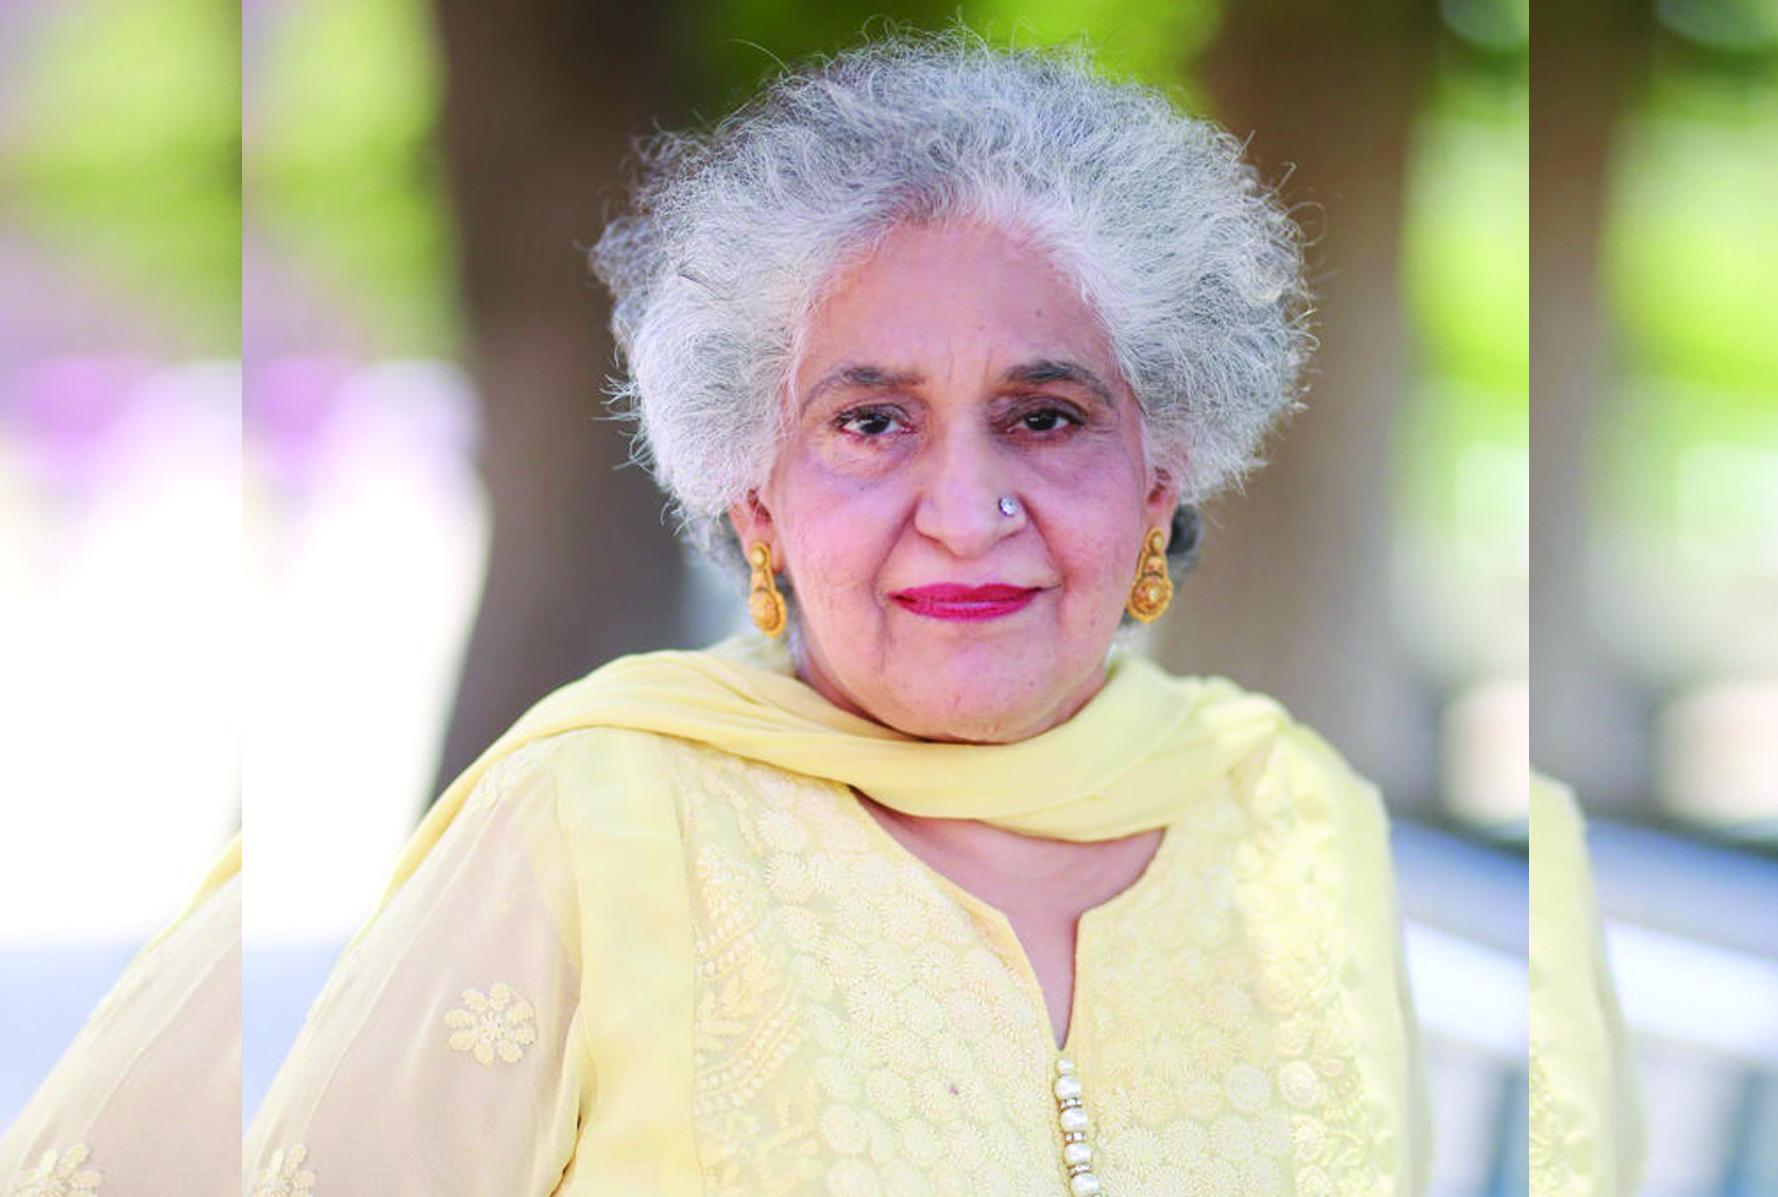 Dr. Ghazala Irfan